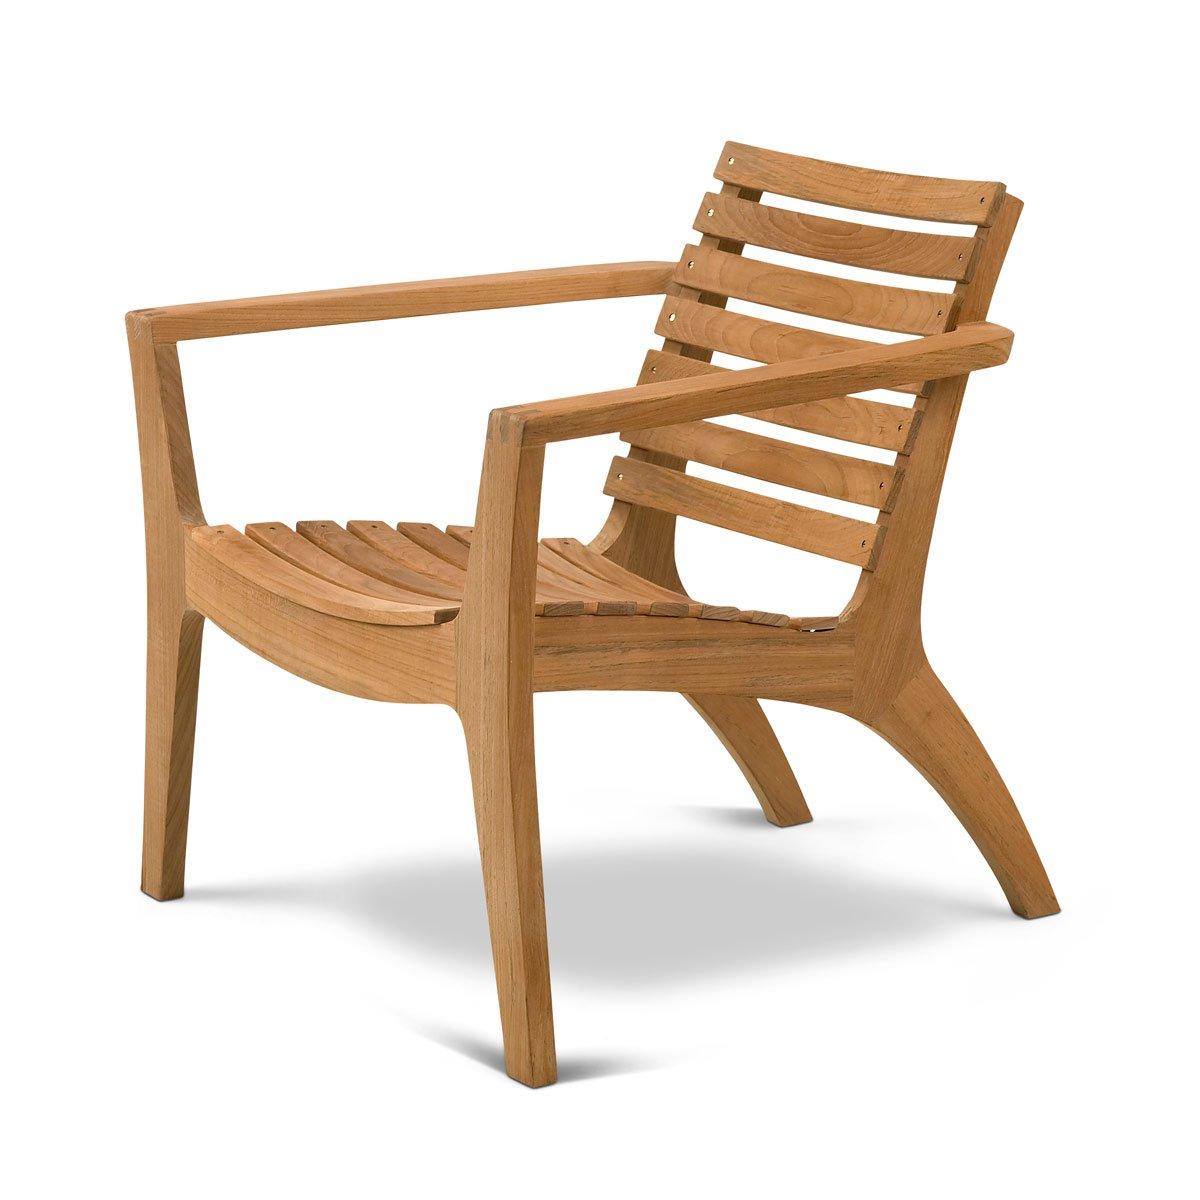 Regatta Lounge Chair / Hans Thyge / Skagerak / Teakholzstuhl / DesignKlassiker von Klingenberg günstig bestellen